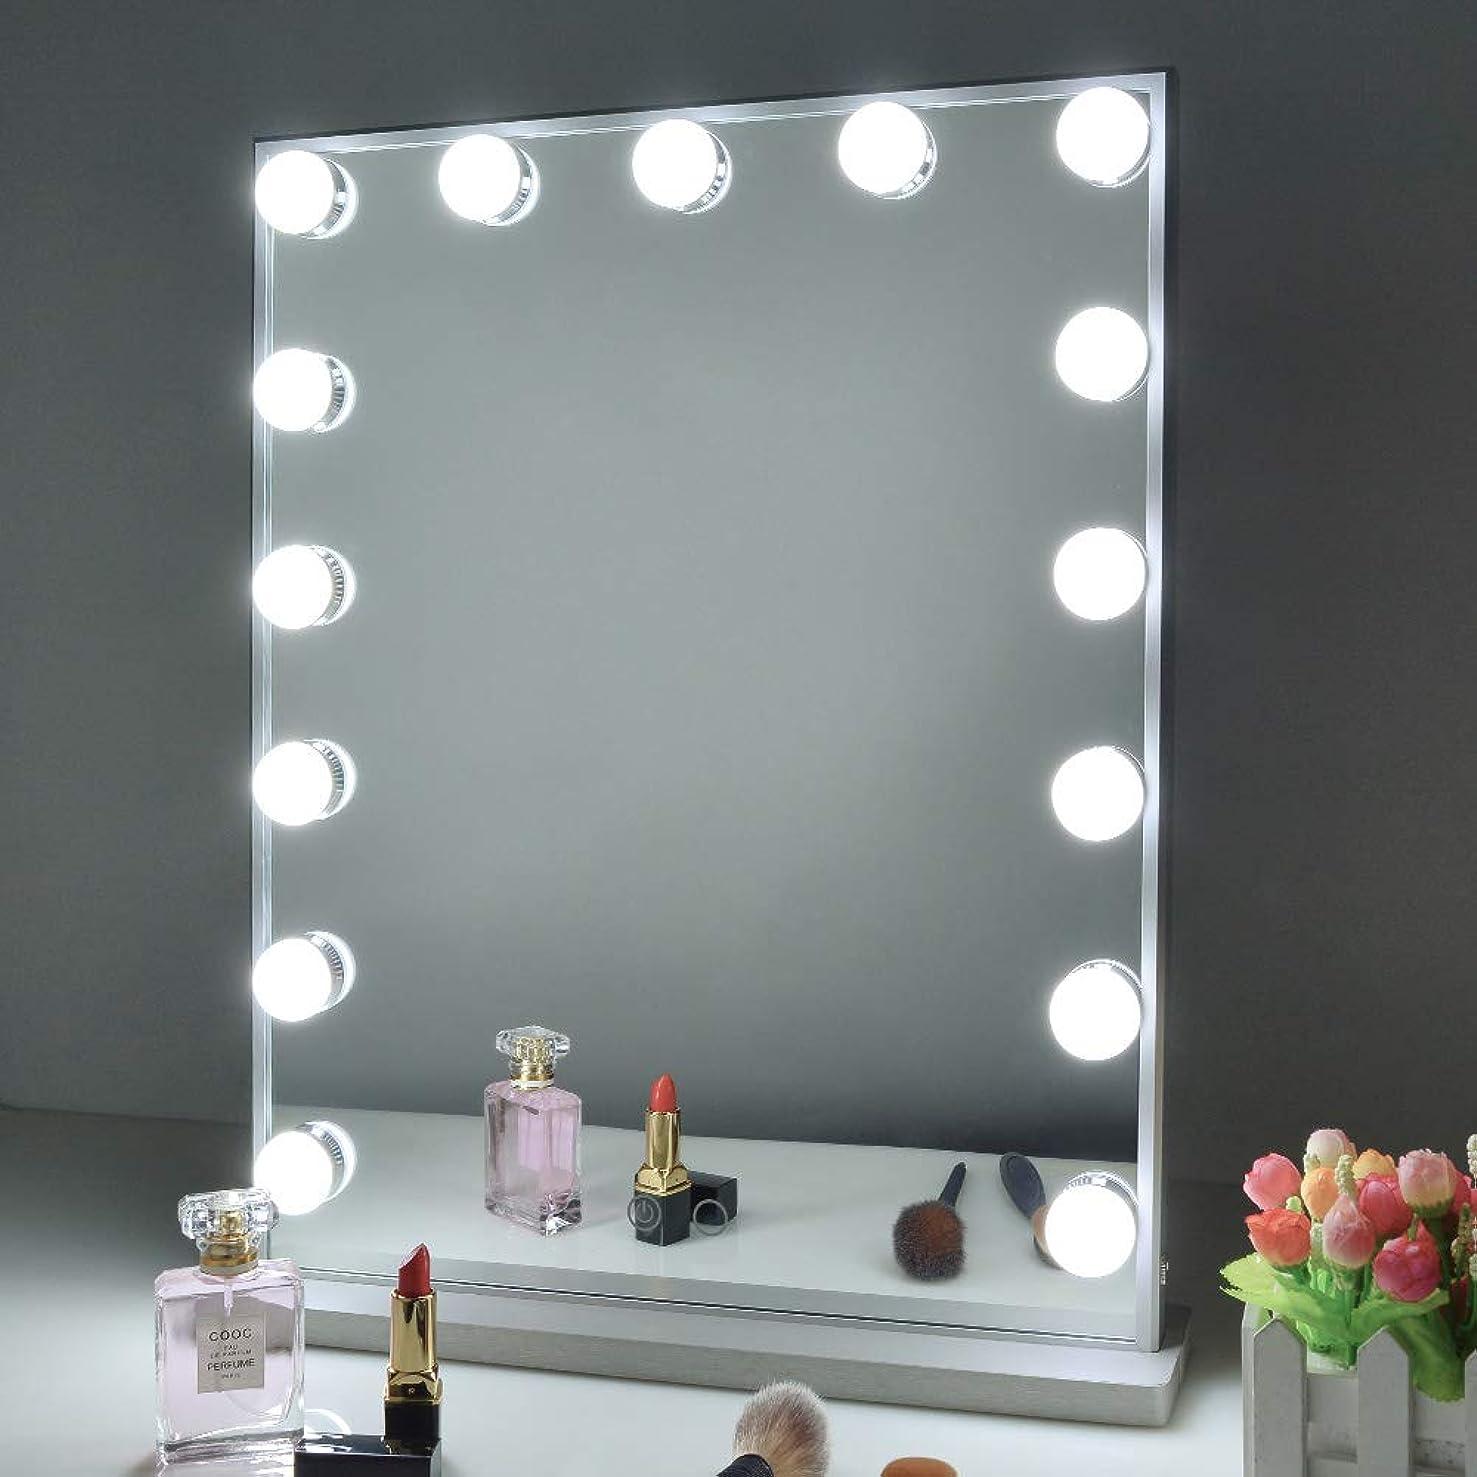 アフリカ全員特性Wonstart 女優ミラー led化粧鏡 ハリウッドミラー 15個LED電球付き 寒色?暖色2色調光 明るさ調整可能 スタンド付き 卓上/壁掛け両用(シルバー)